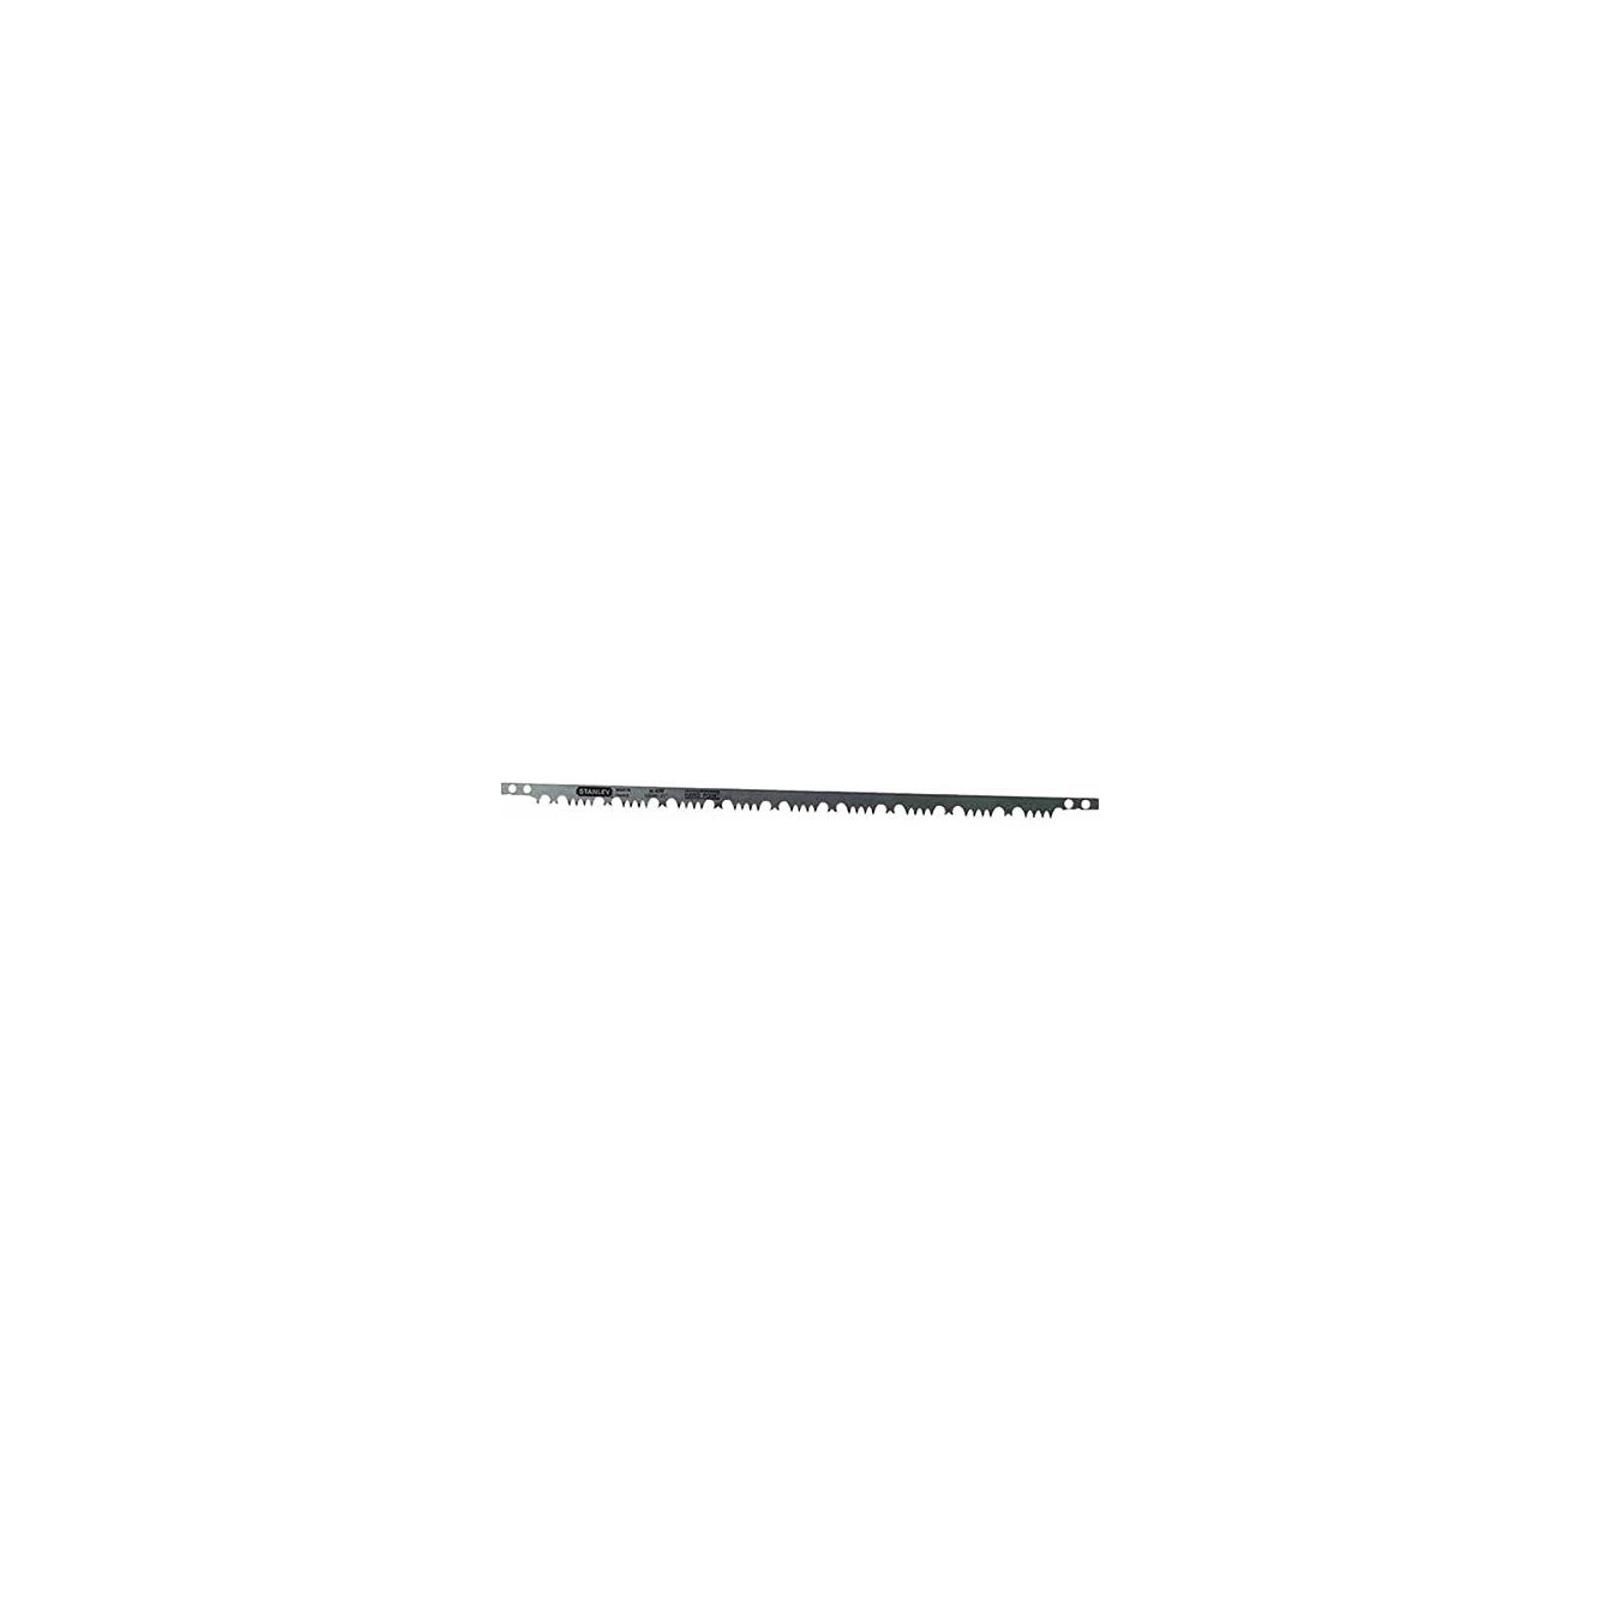 """Полотно Stanley для лучковой пилы """"Raker Tooth"""" L=610мм. (1-15-446)"""